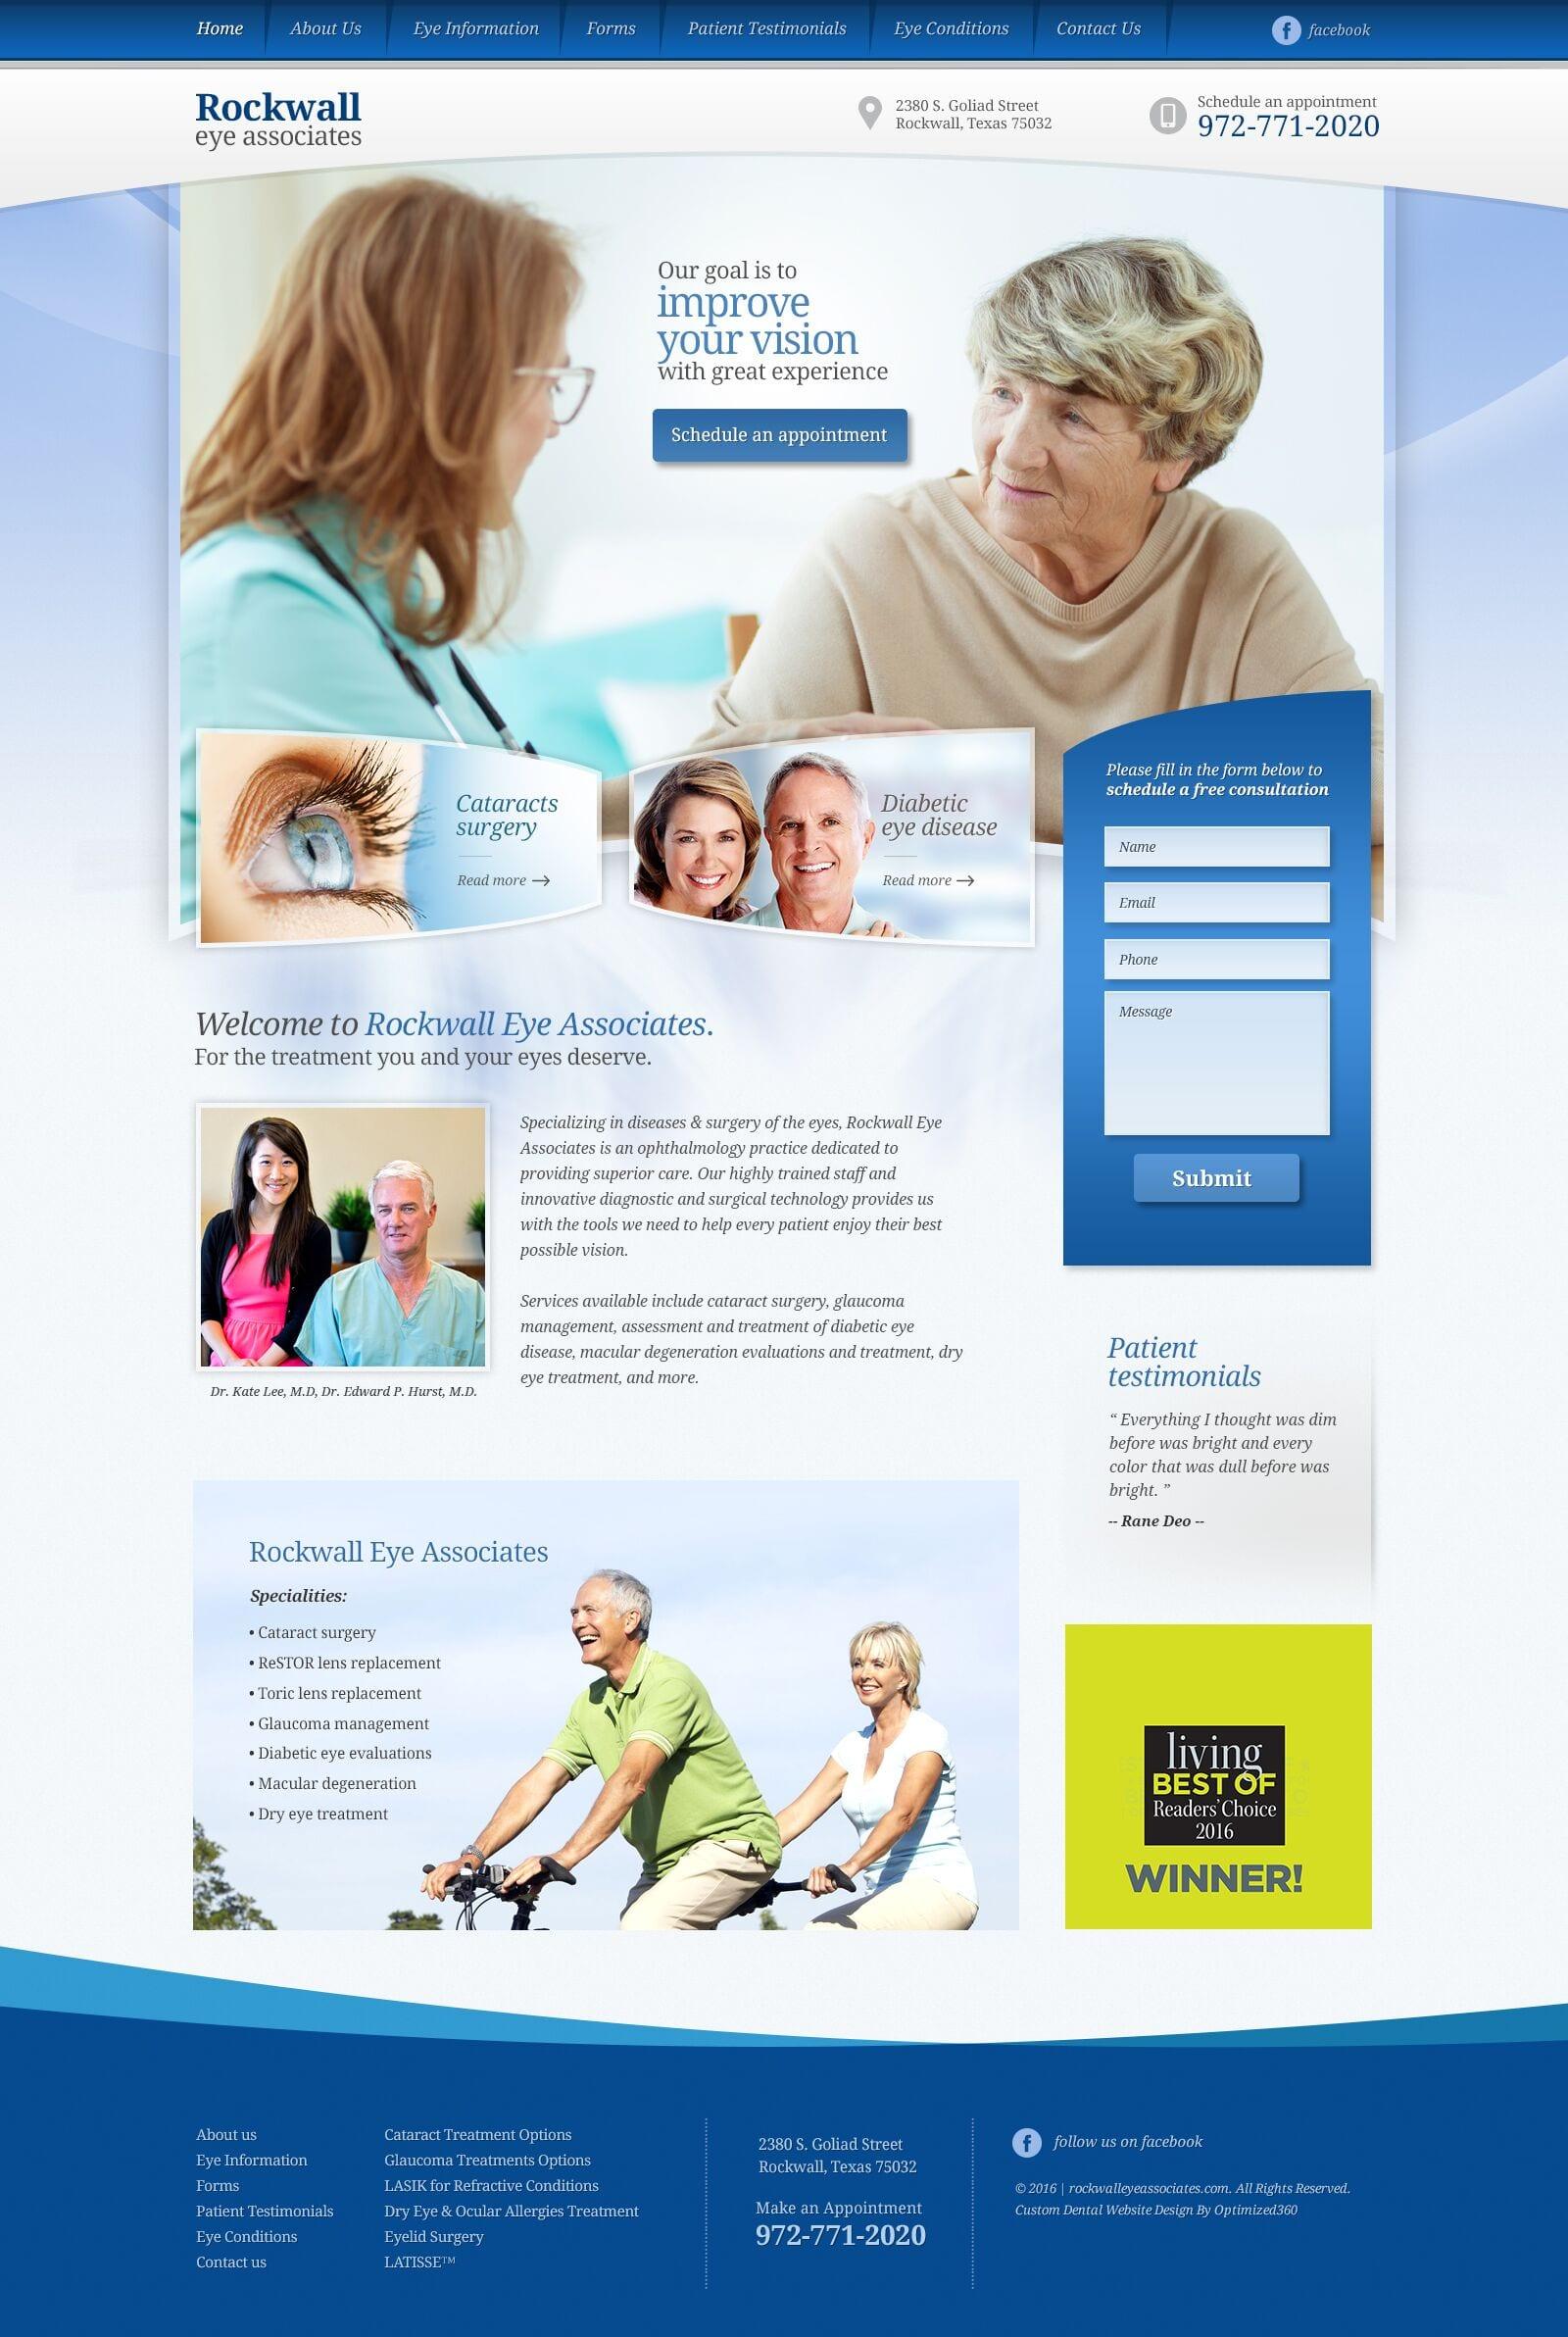 Rockwell Eye Associated Website